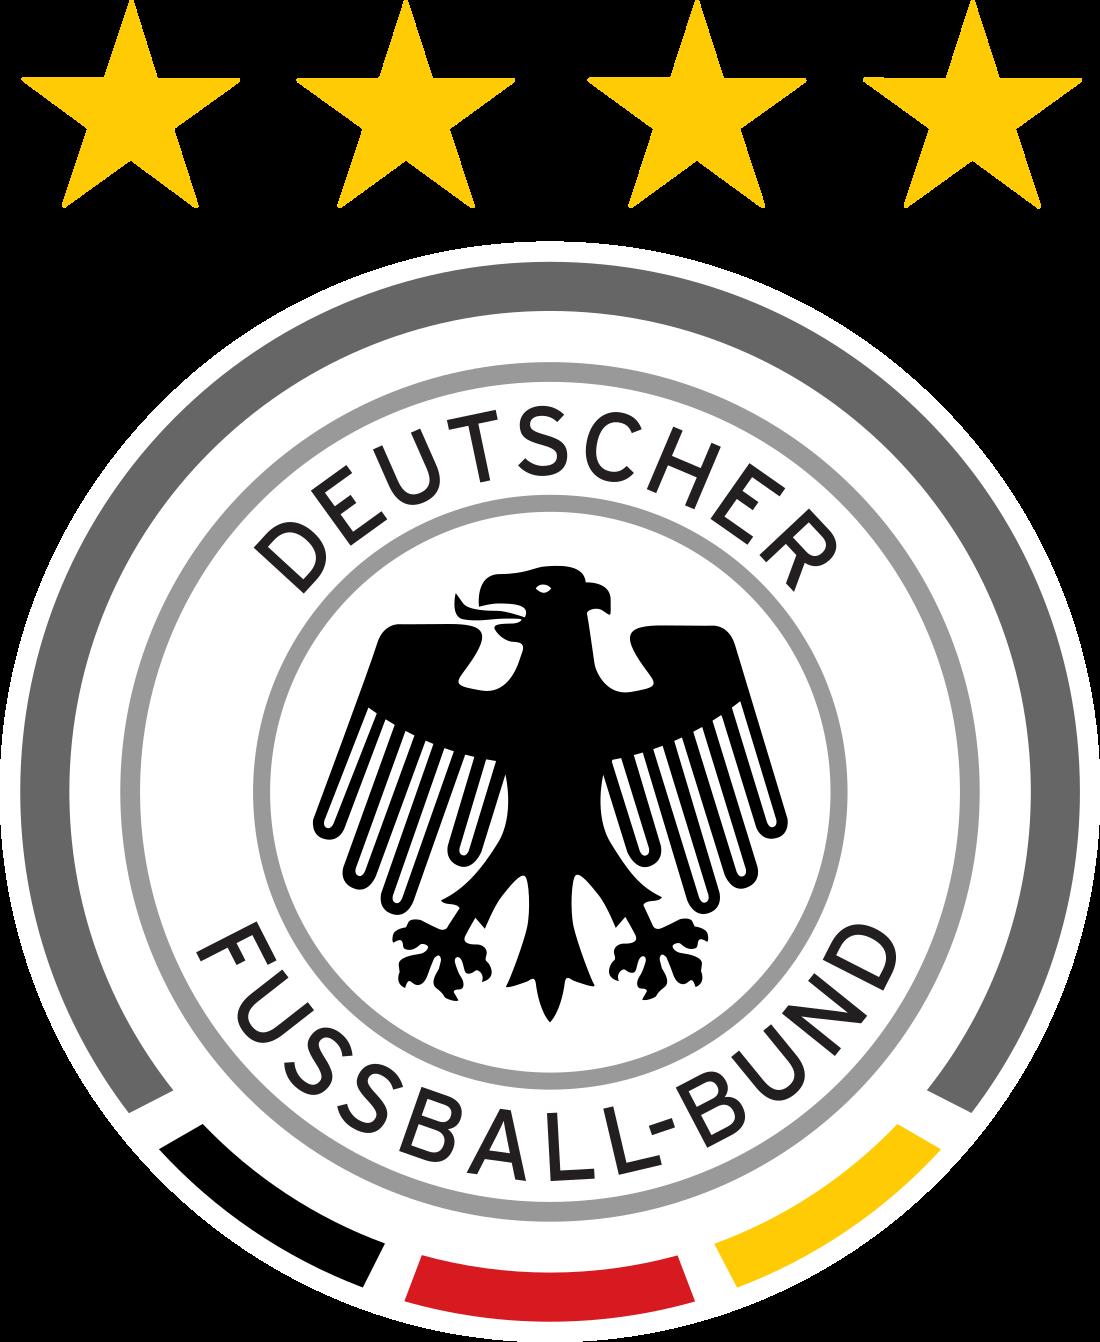 selecao alemanha logo escudo 8 - Seleção da Alemanha Logo - Escudo